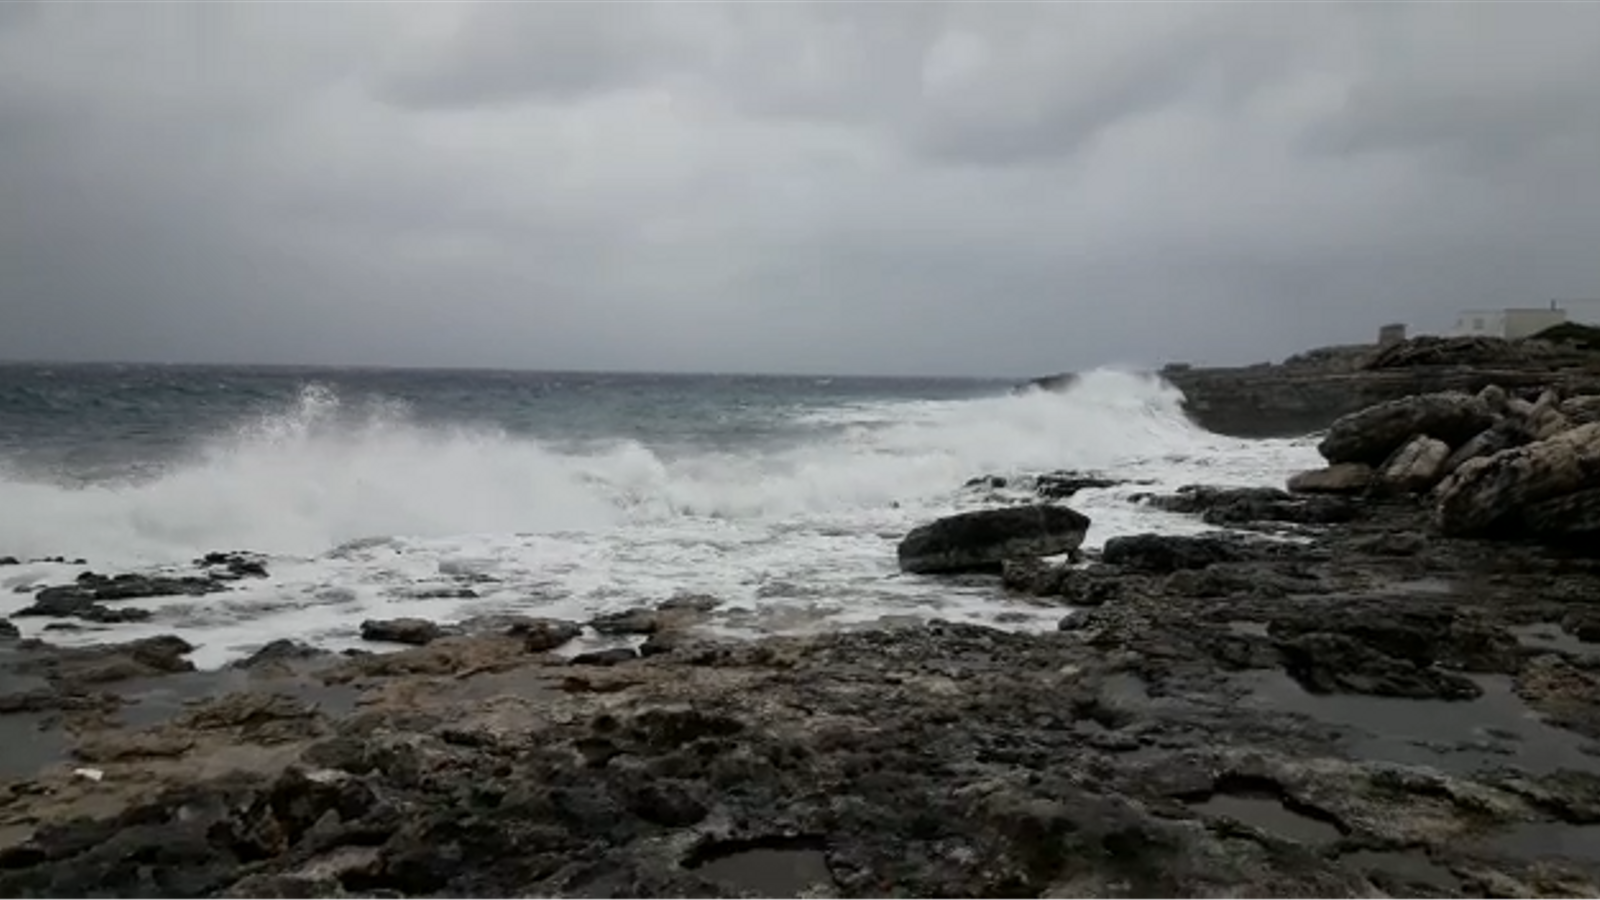 S'algar, Menorca